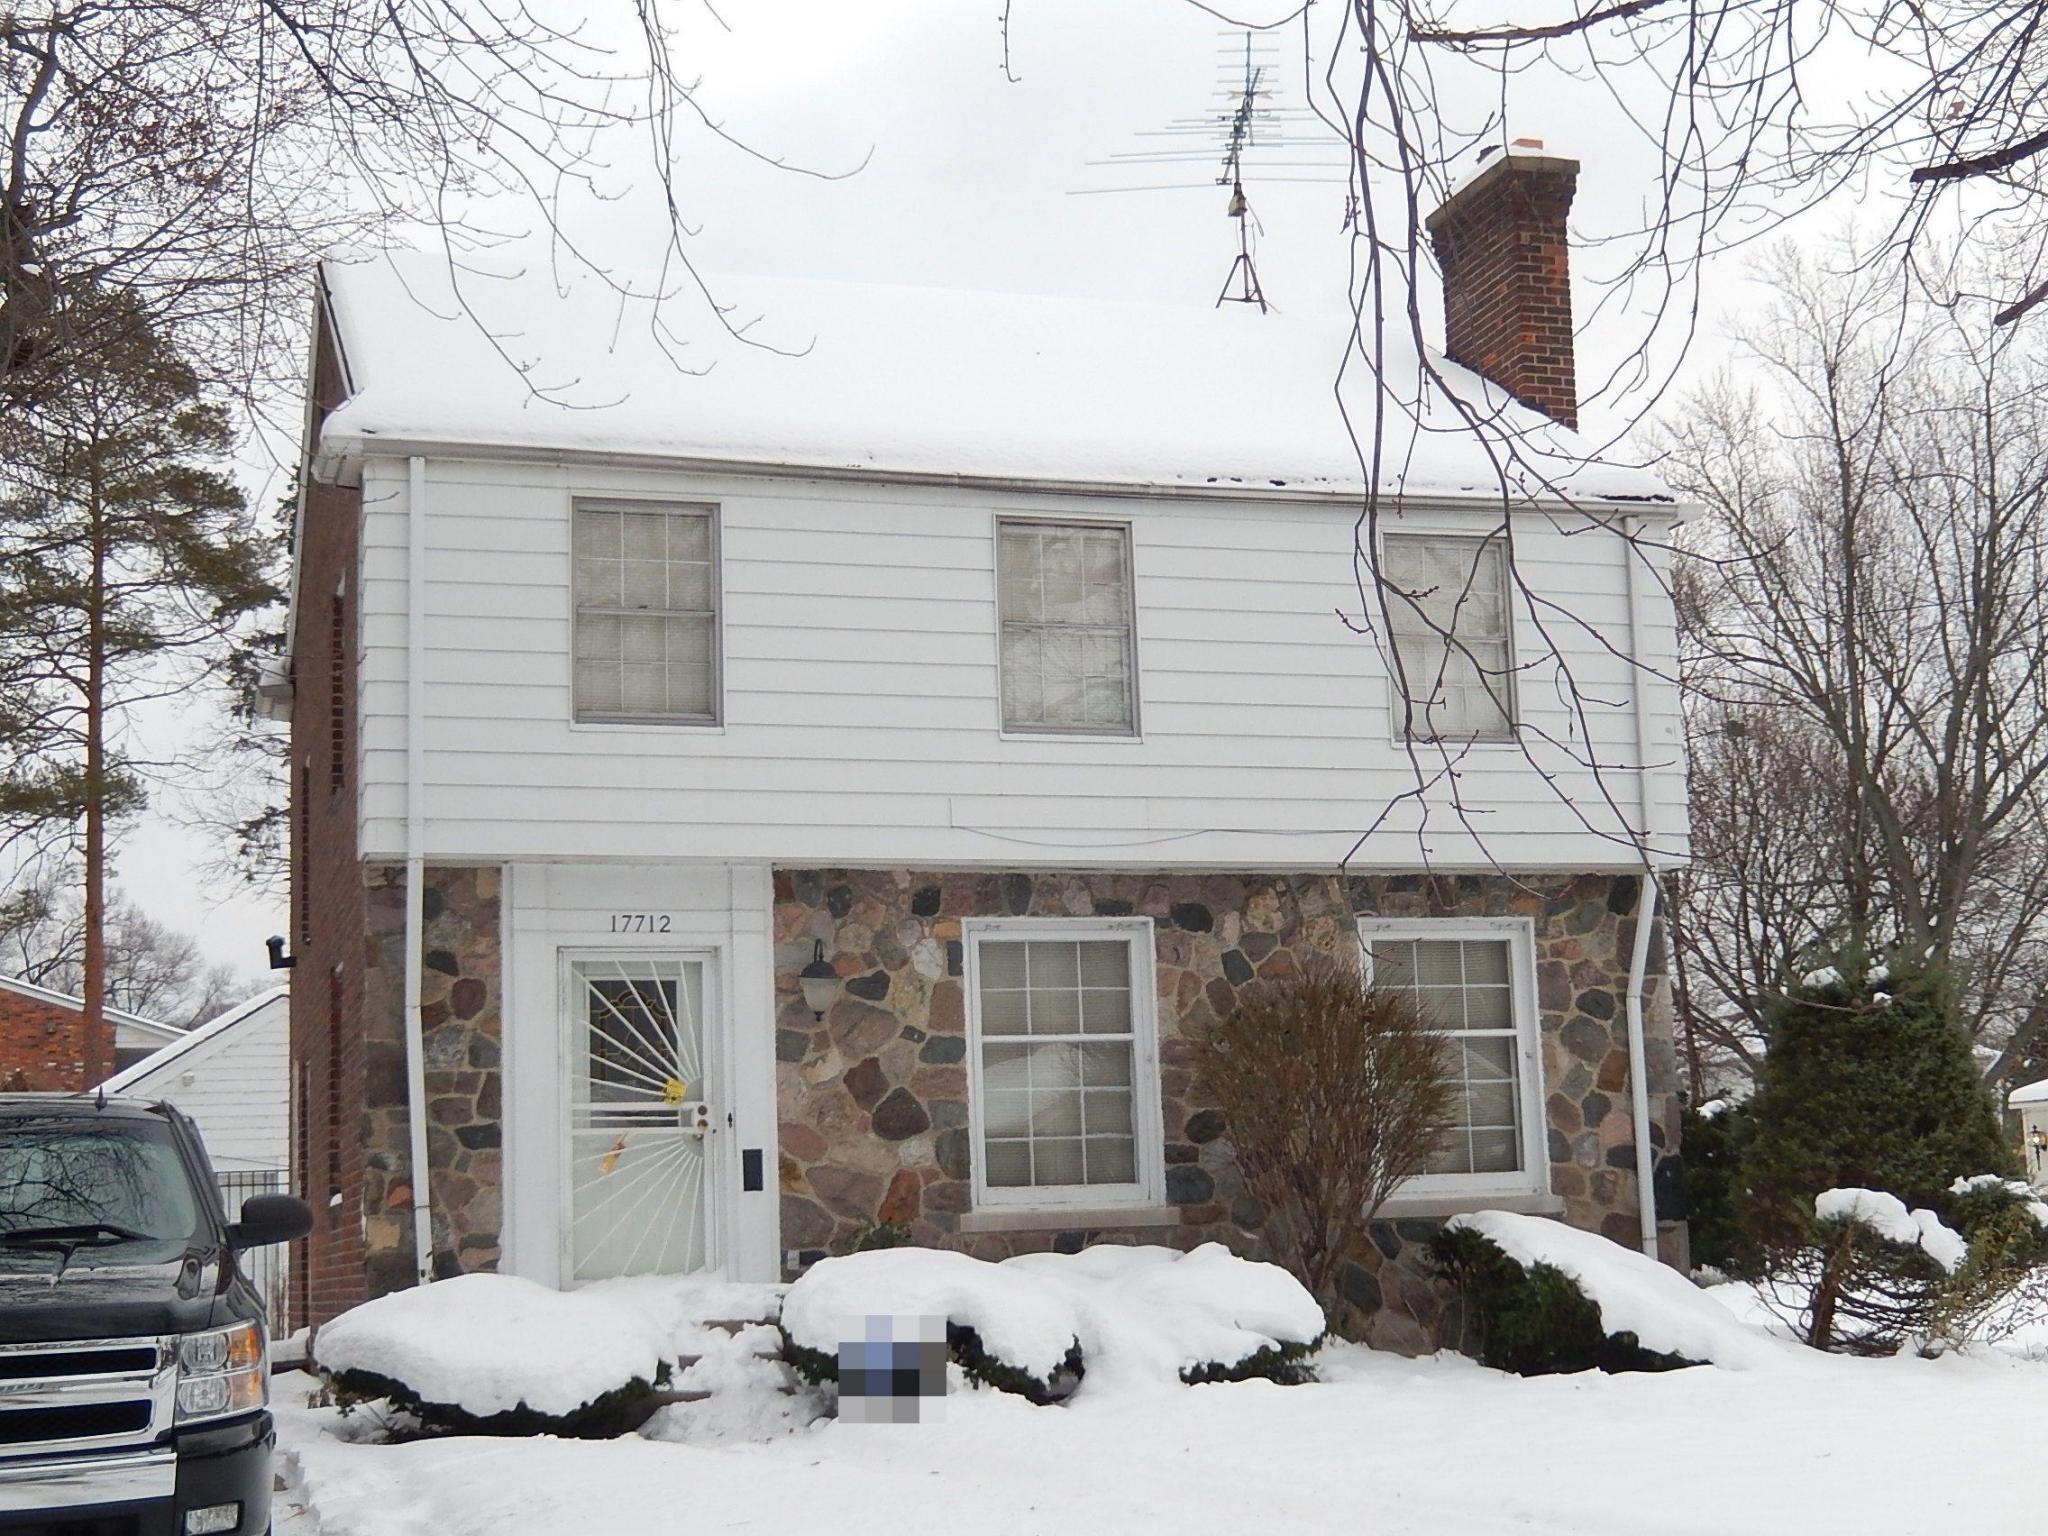 17712 Cooley St, Detroit, MI 48219 - Estimate and Home Details | Trulia